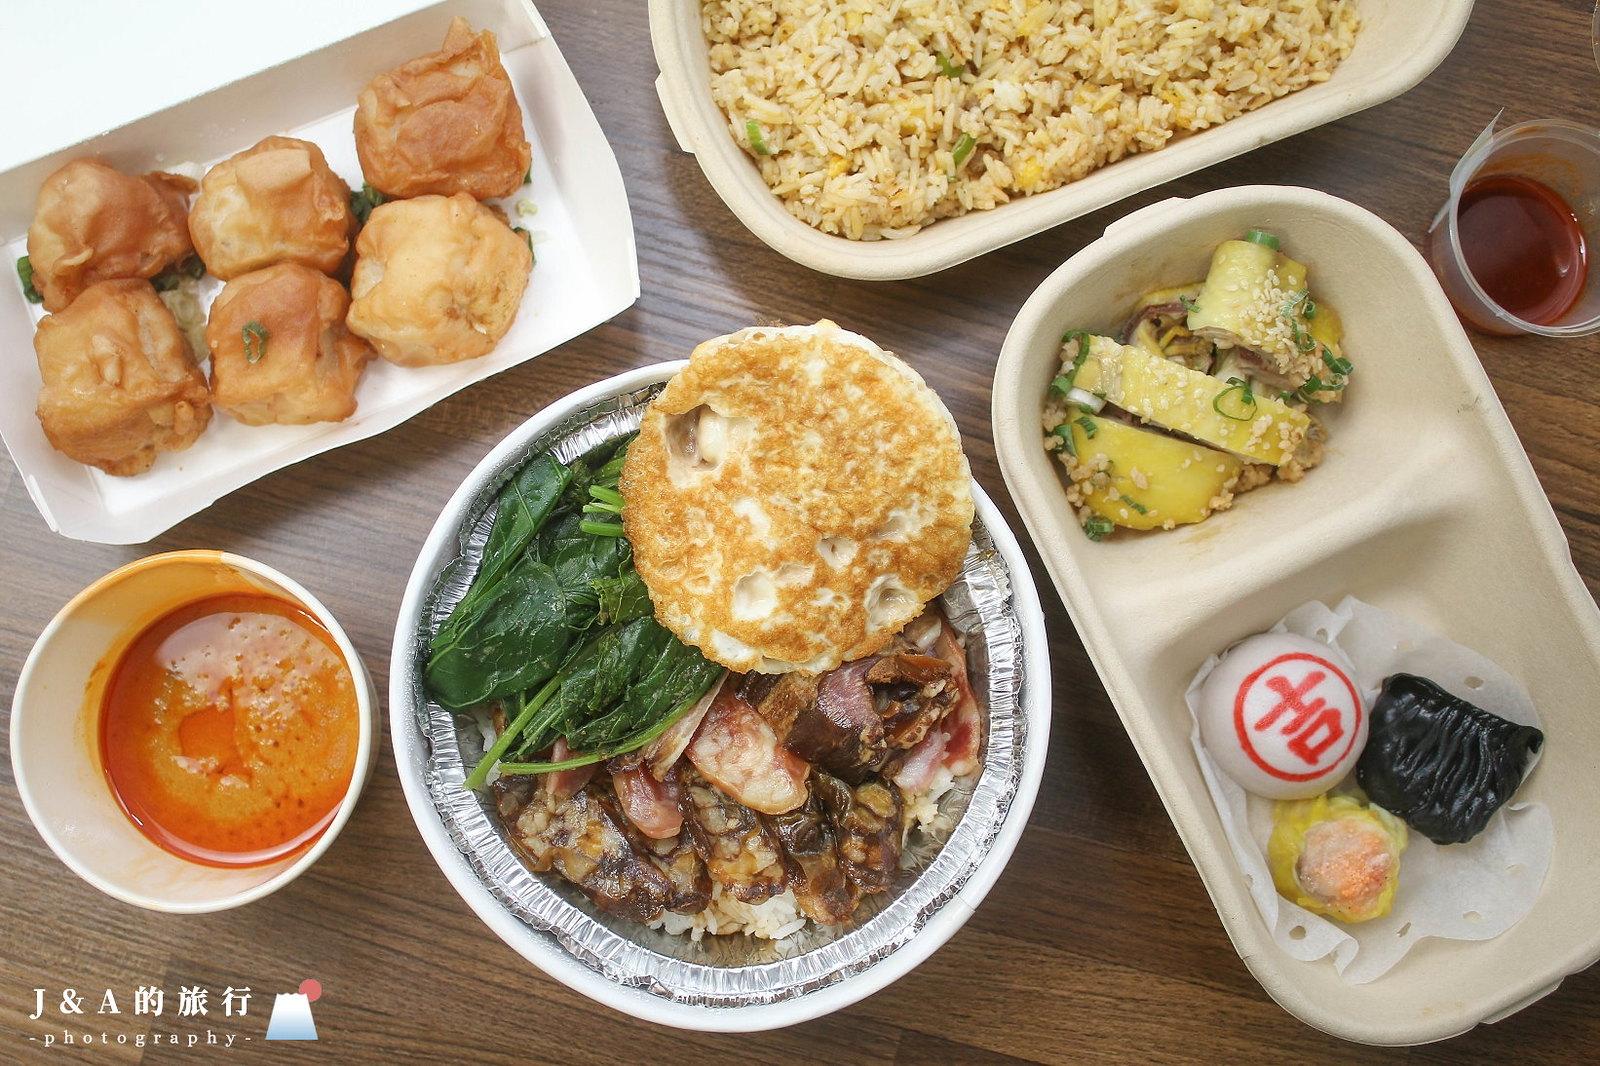 最新推播訊息:外帶港式餐盒只要138元,線上預約外帶享79折